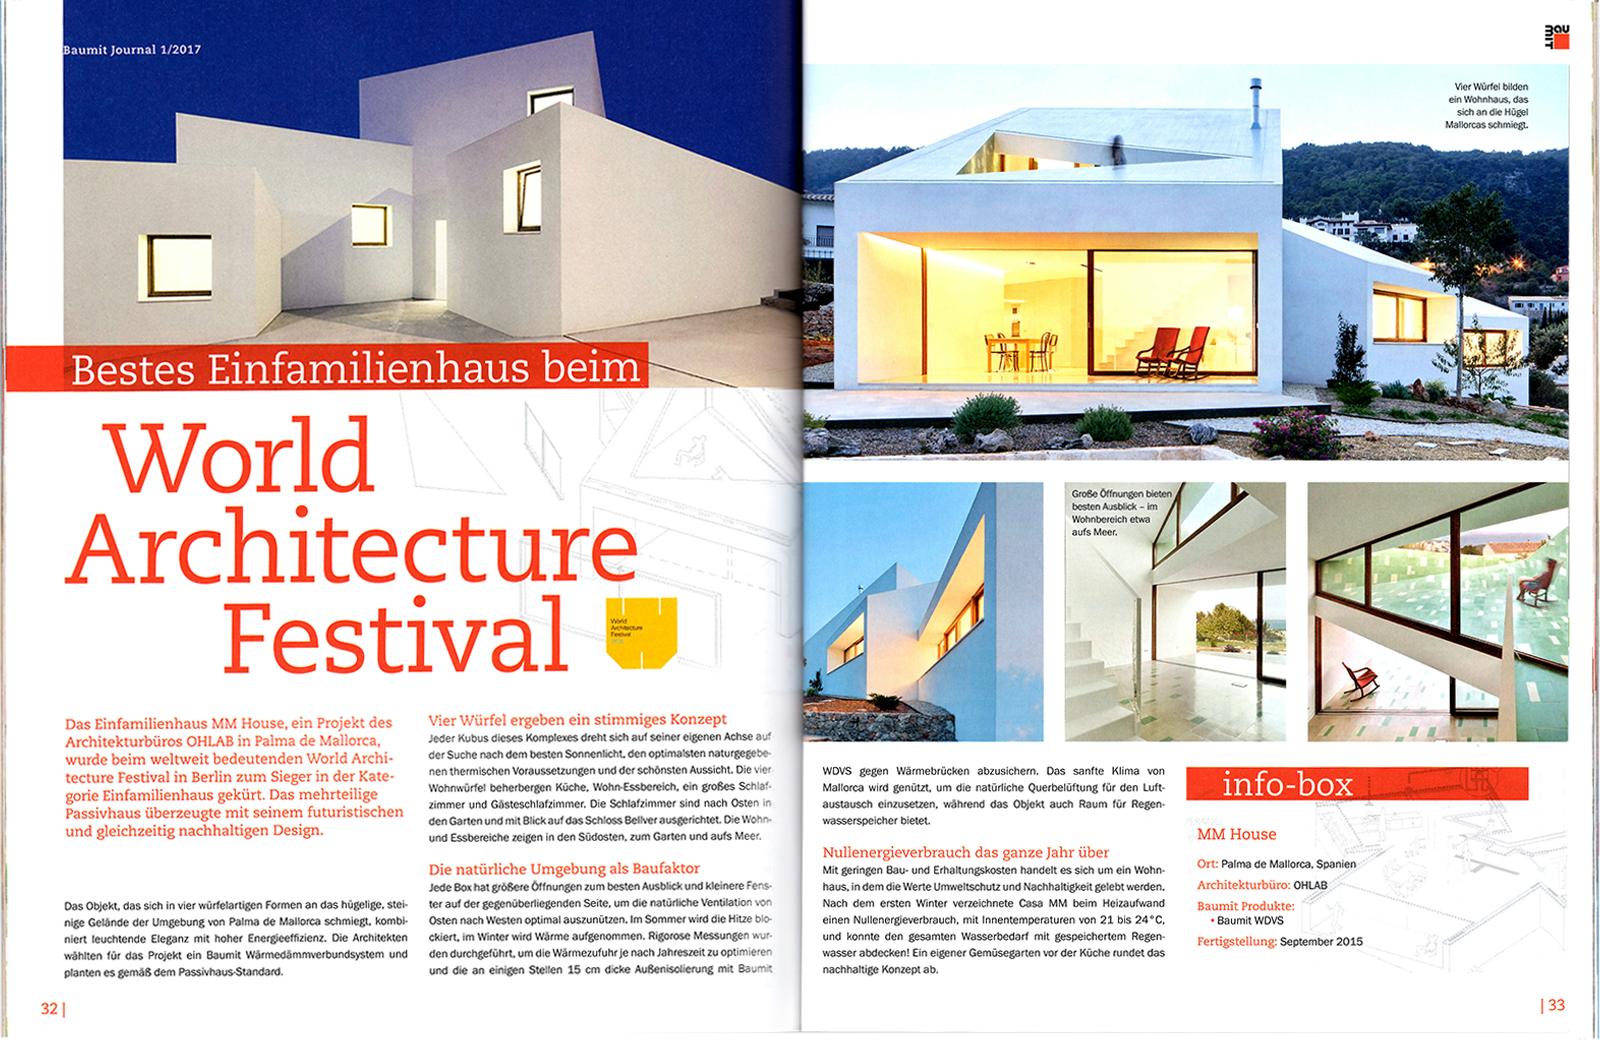 baumit-magazine2_mmhouse_01